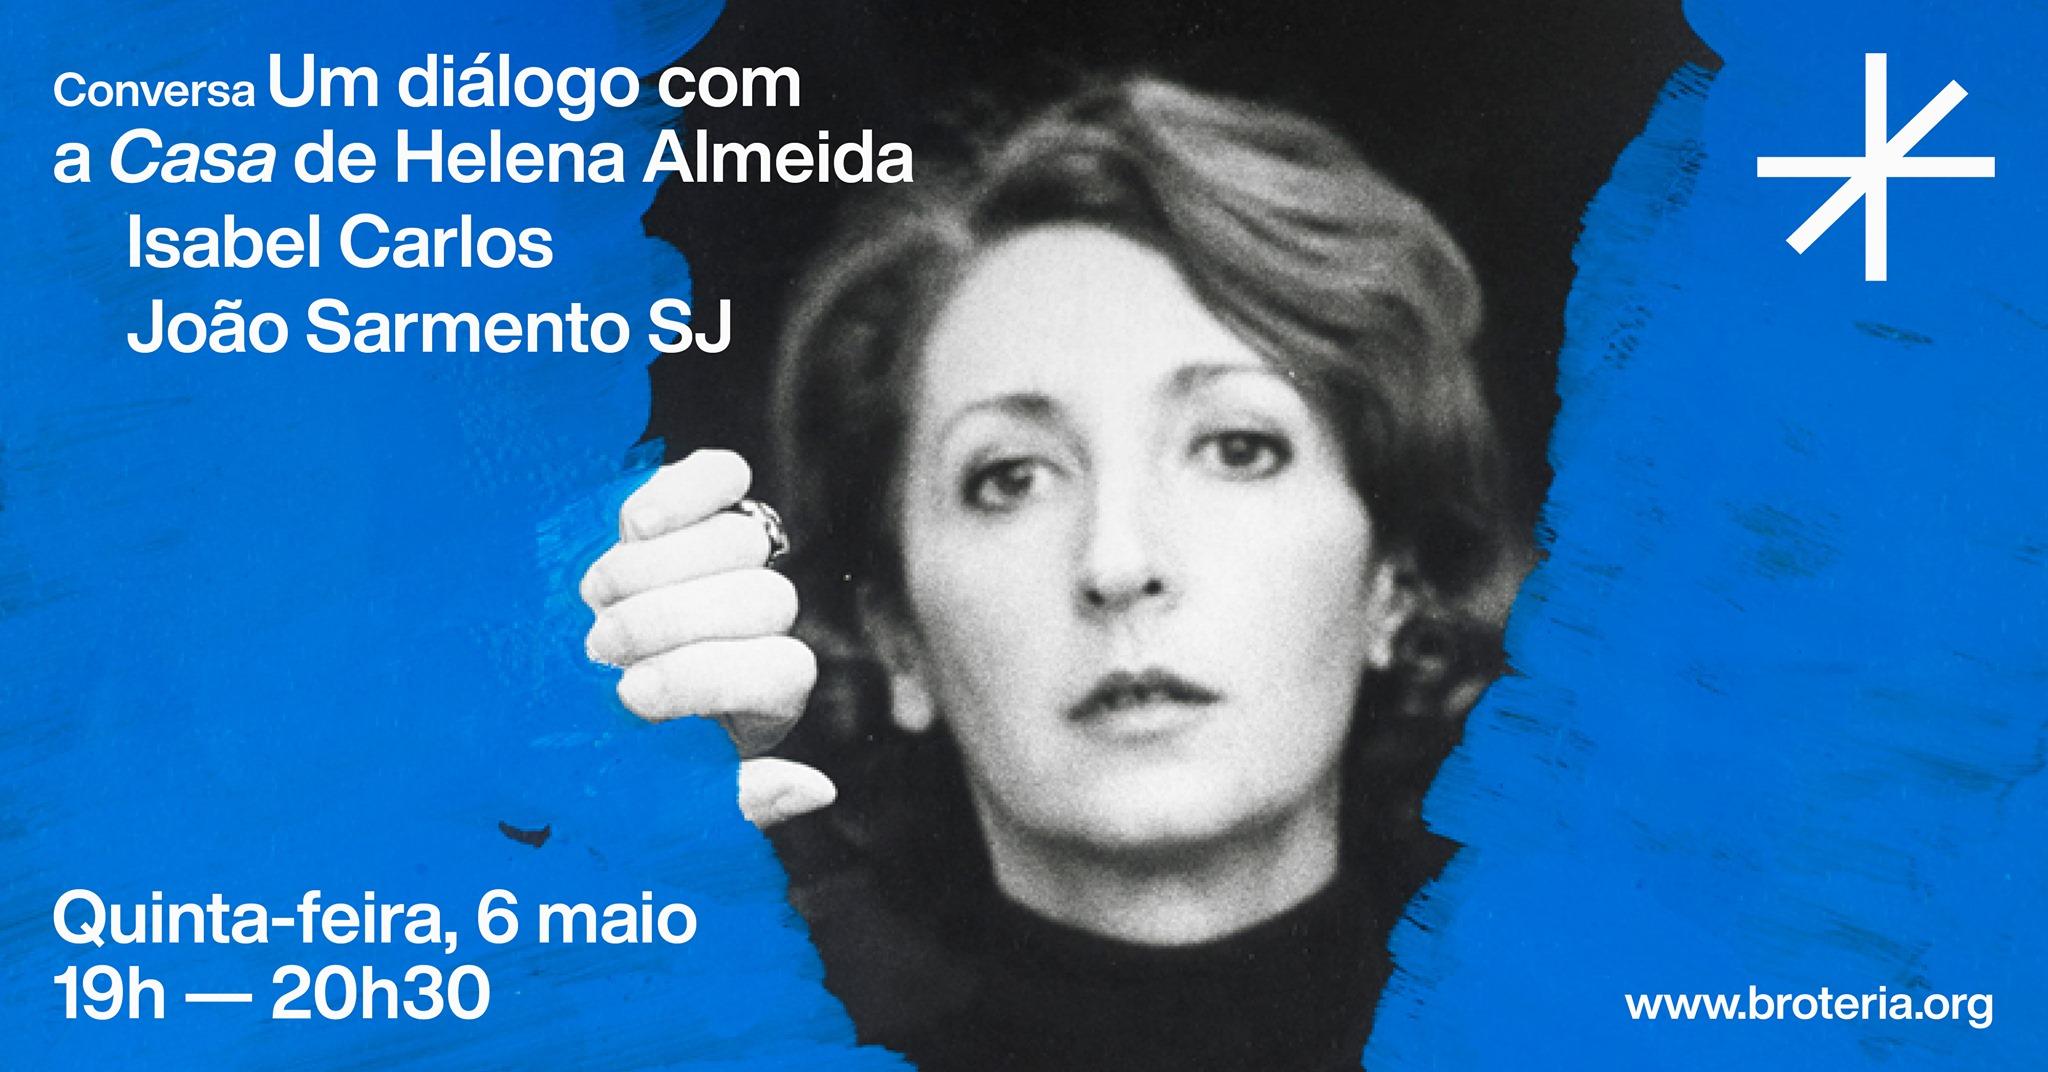 Conversa   Um diálogo com a Casa de Helena Almeida